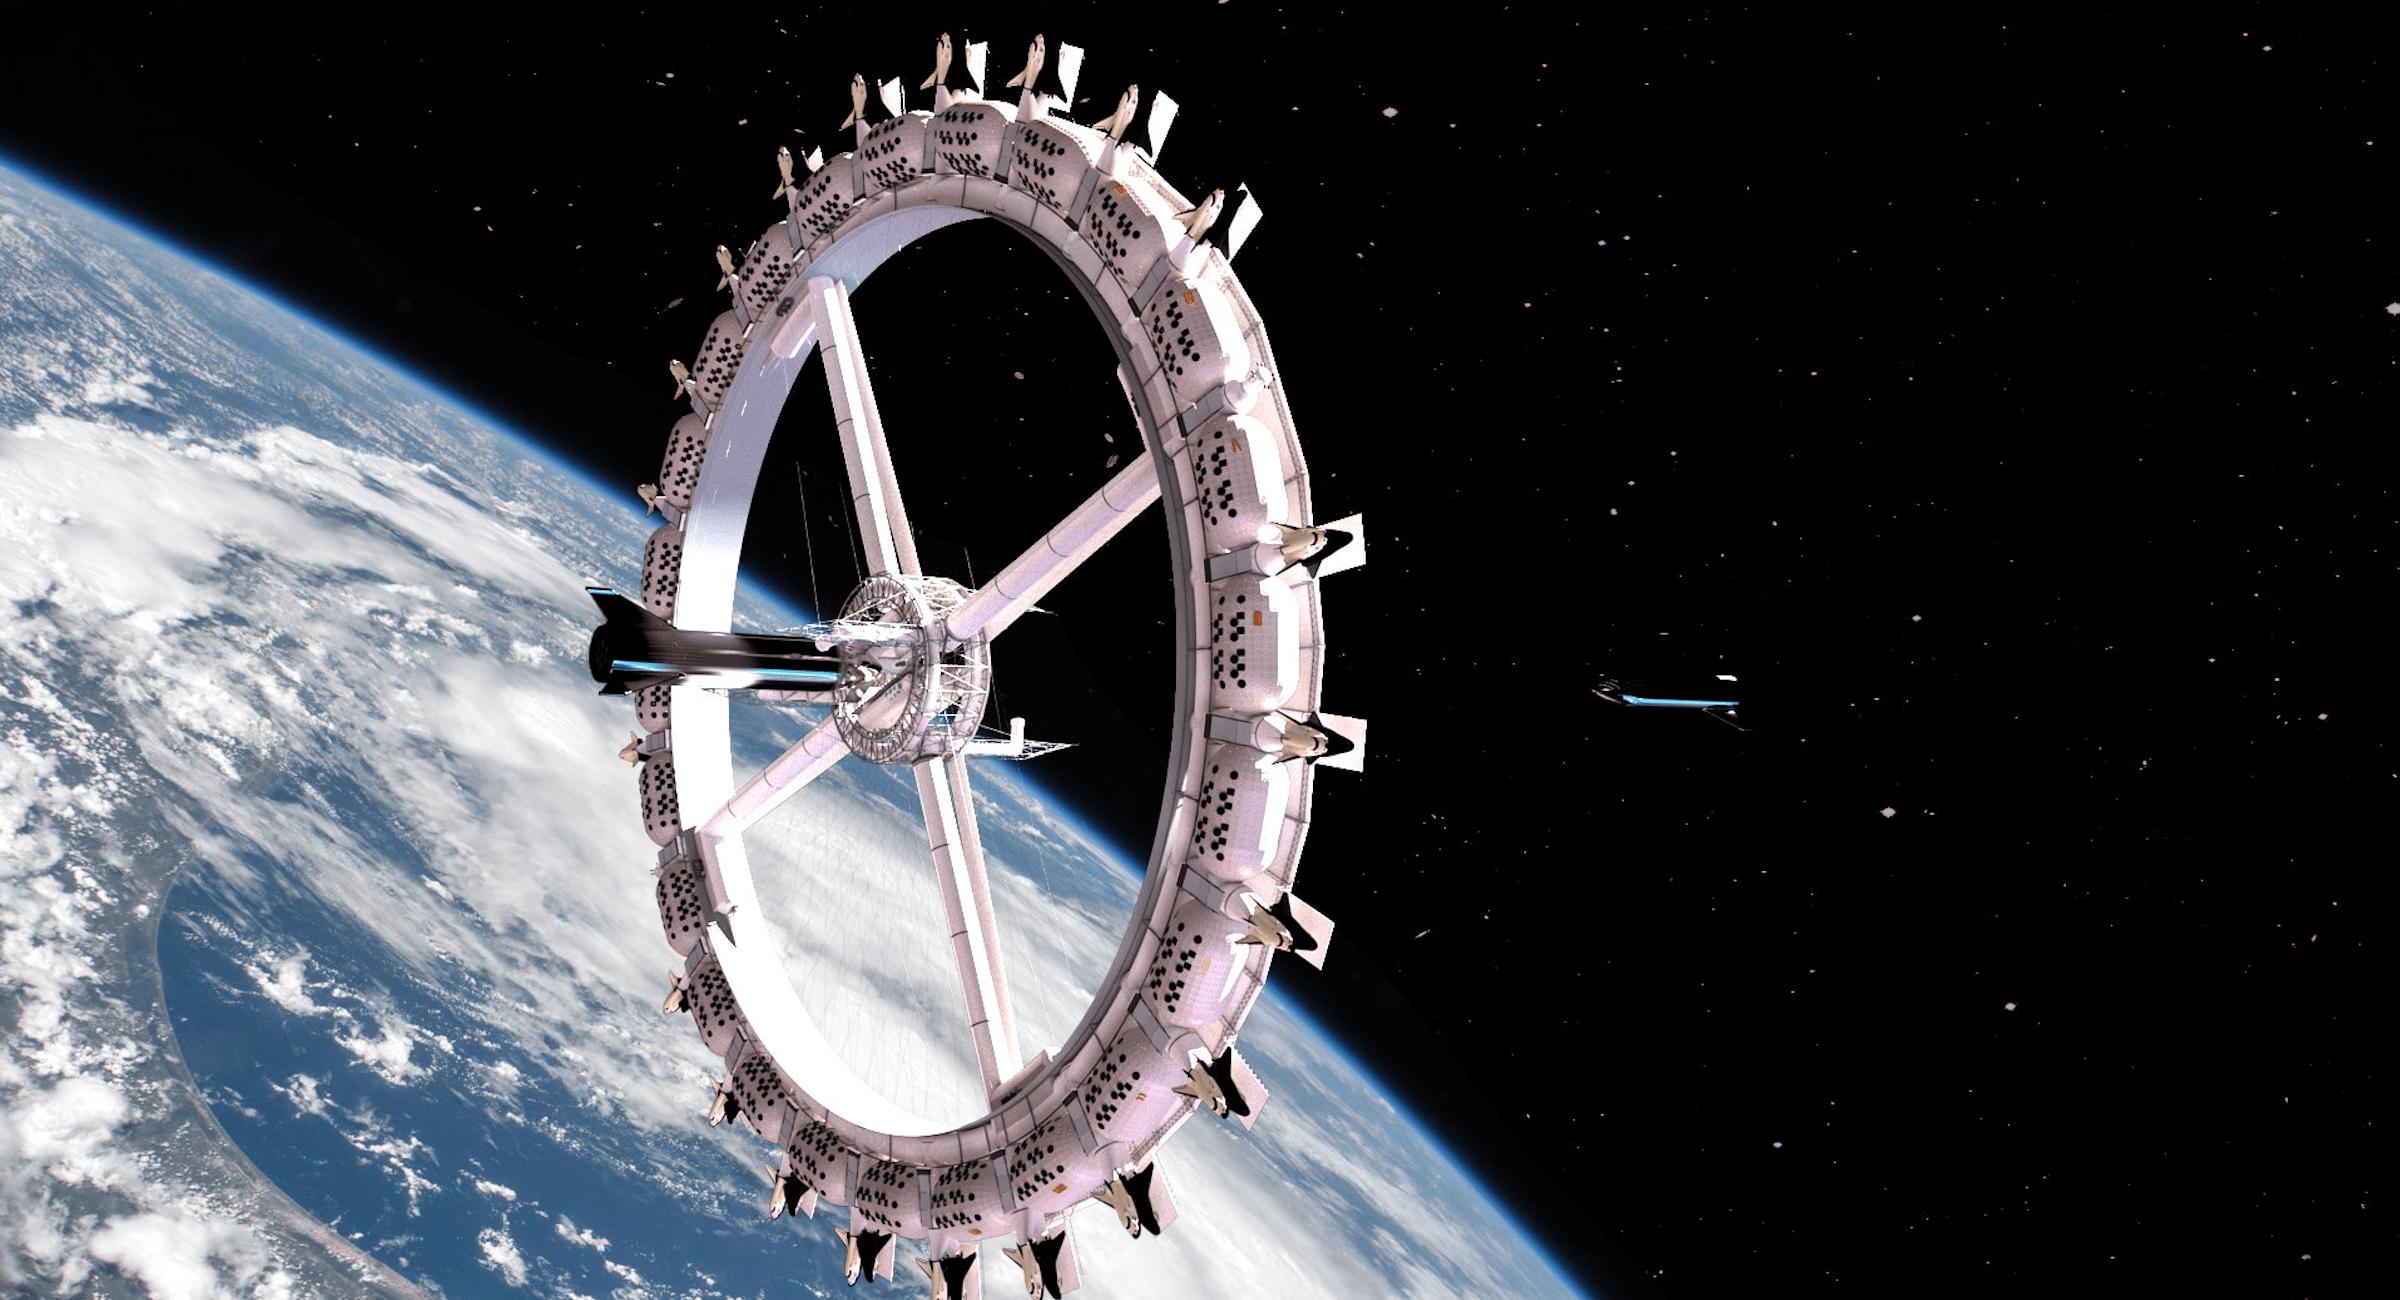 3 亿元睡一次太空酒店,这事到底靠不靠谱?